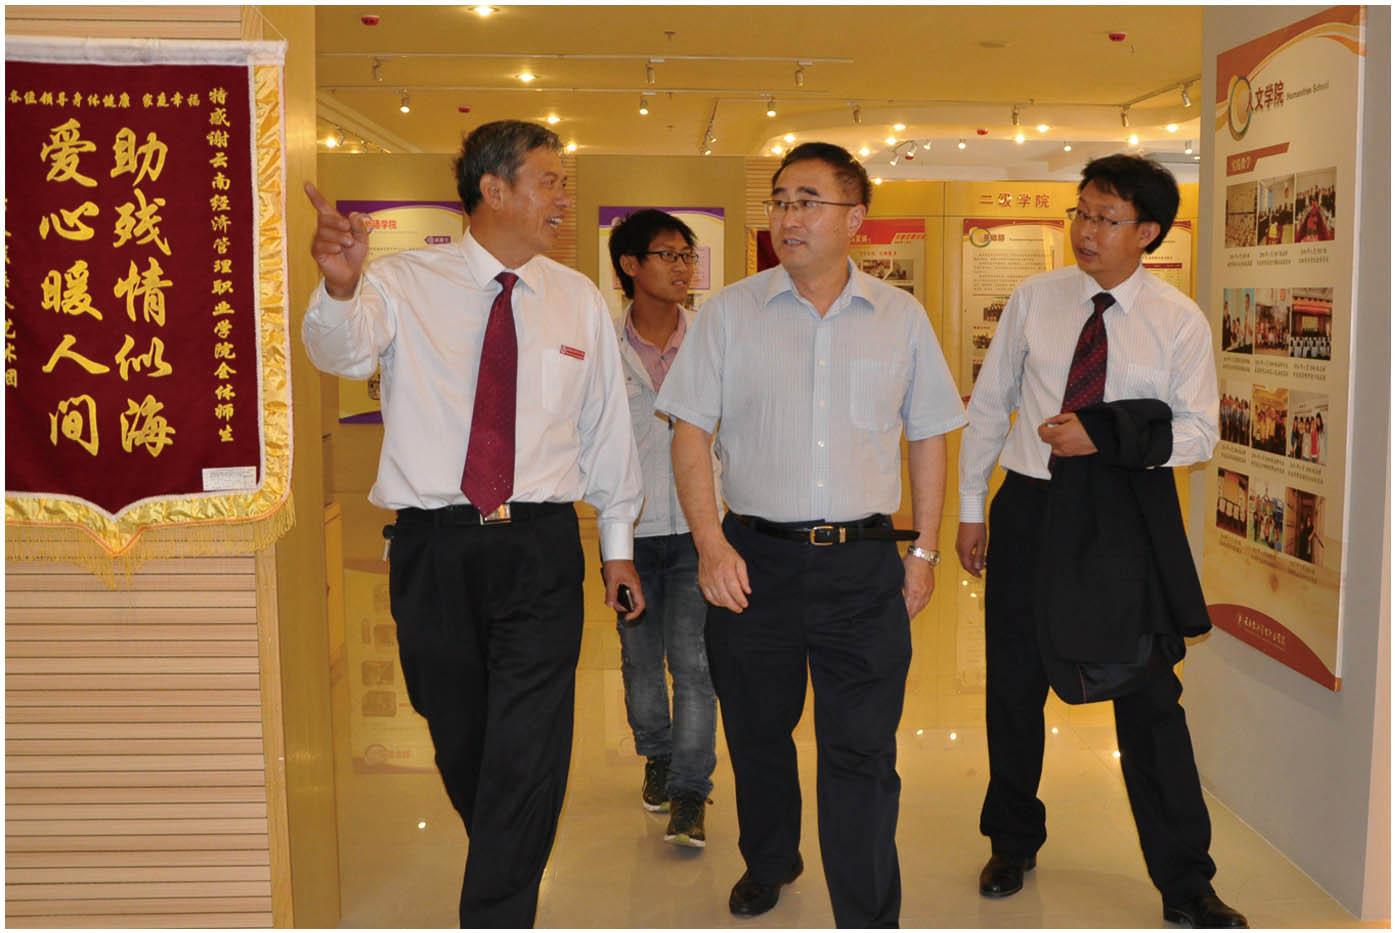 2013年6月30日,云南省教育厅副厅长邹平(中)莅临安宁校区指导工作